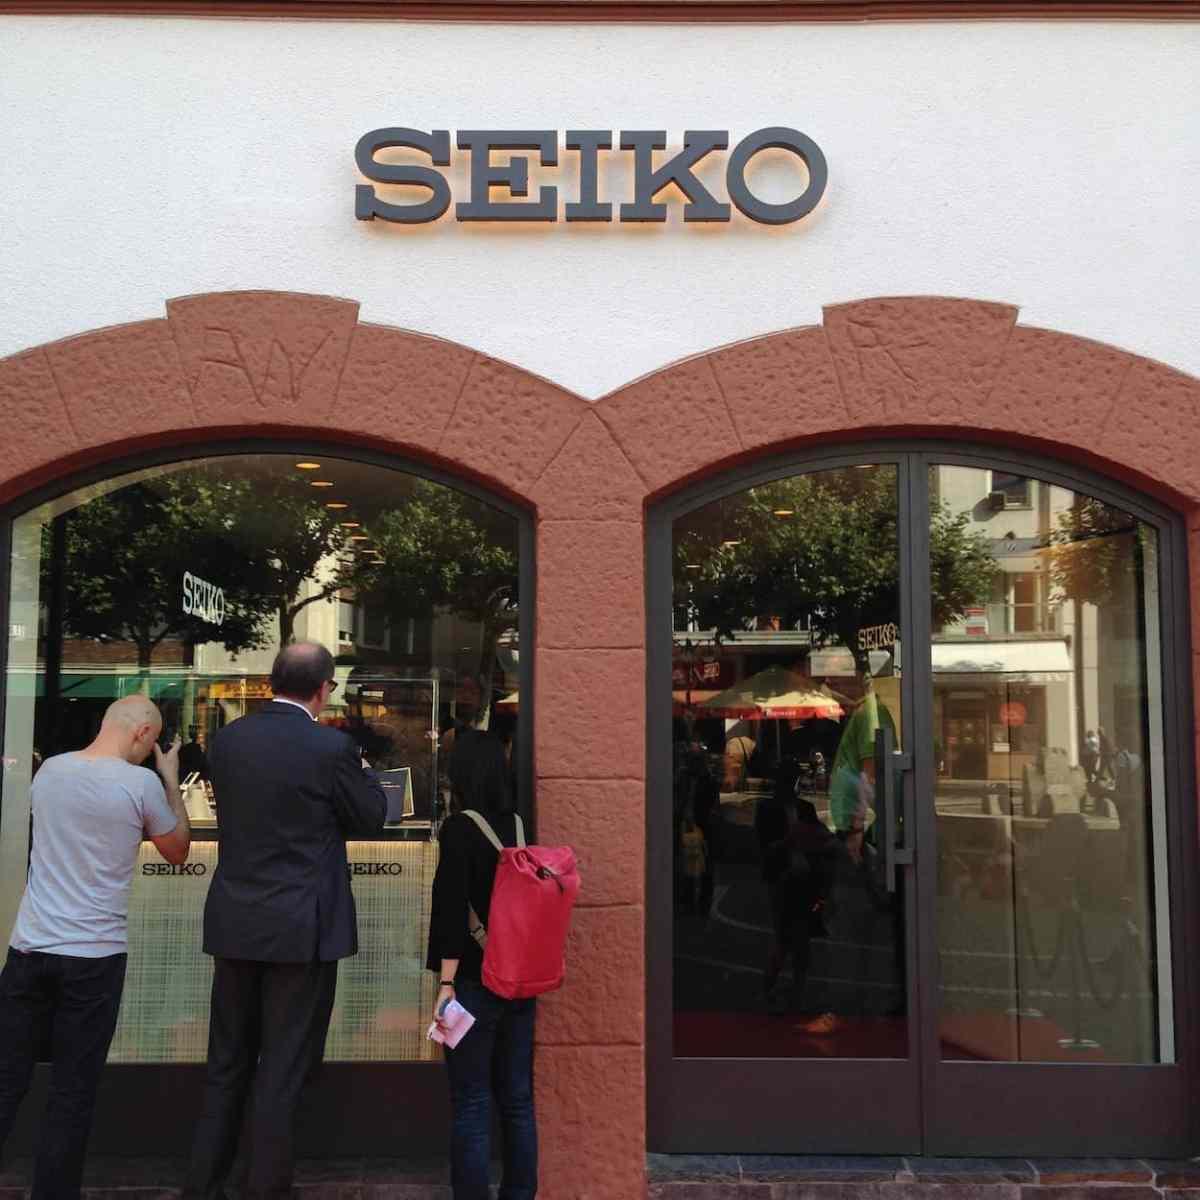 Seiko's new Frankfurt Boutique